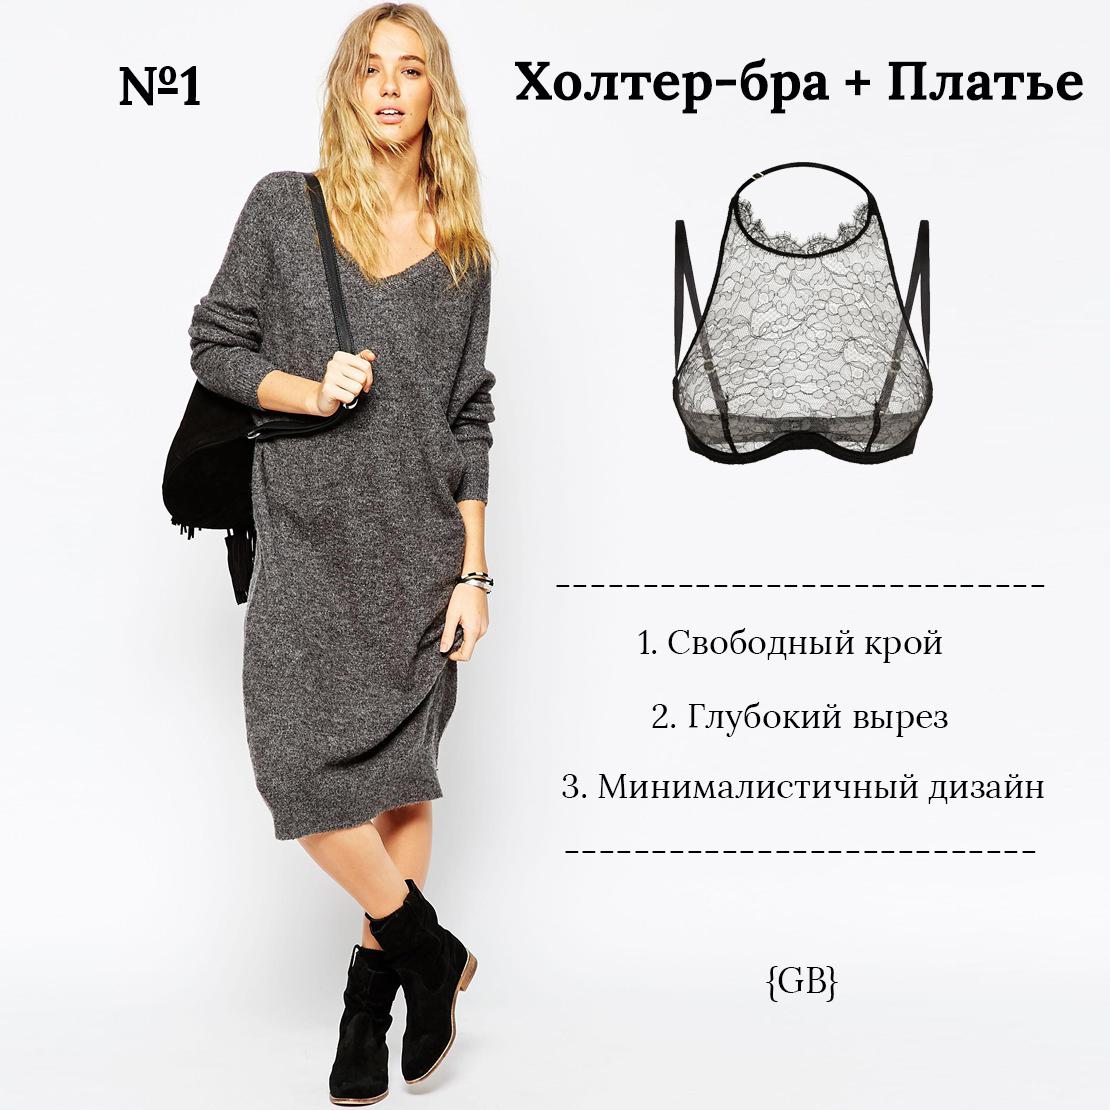 Гид по стилю. С чем носить холтер-бра. Garterblog.ru